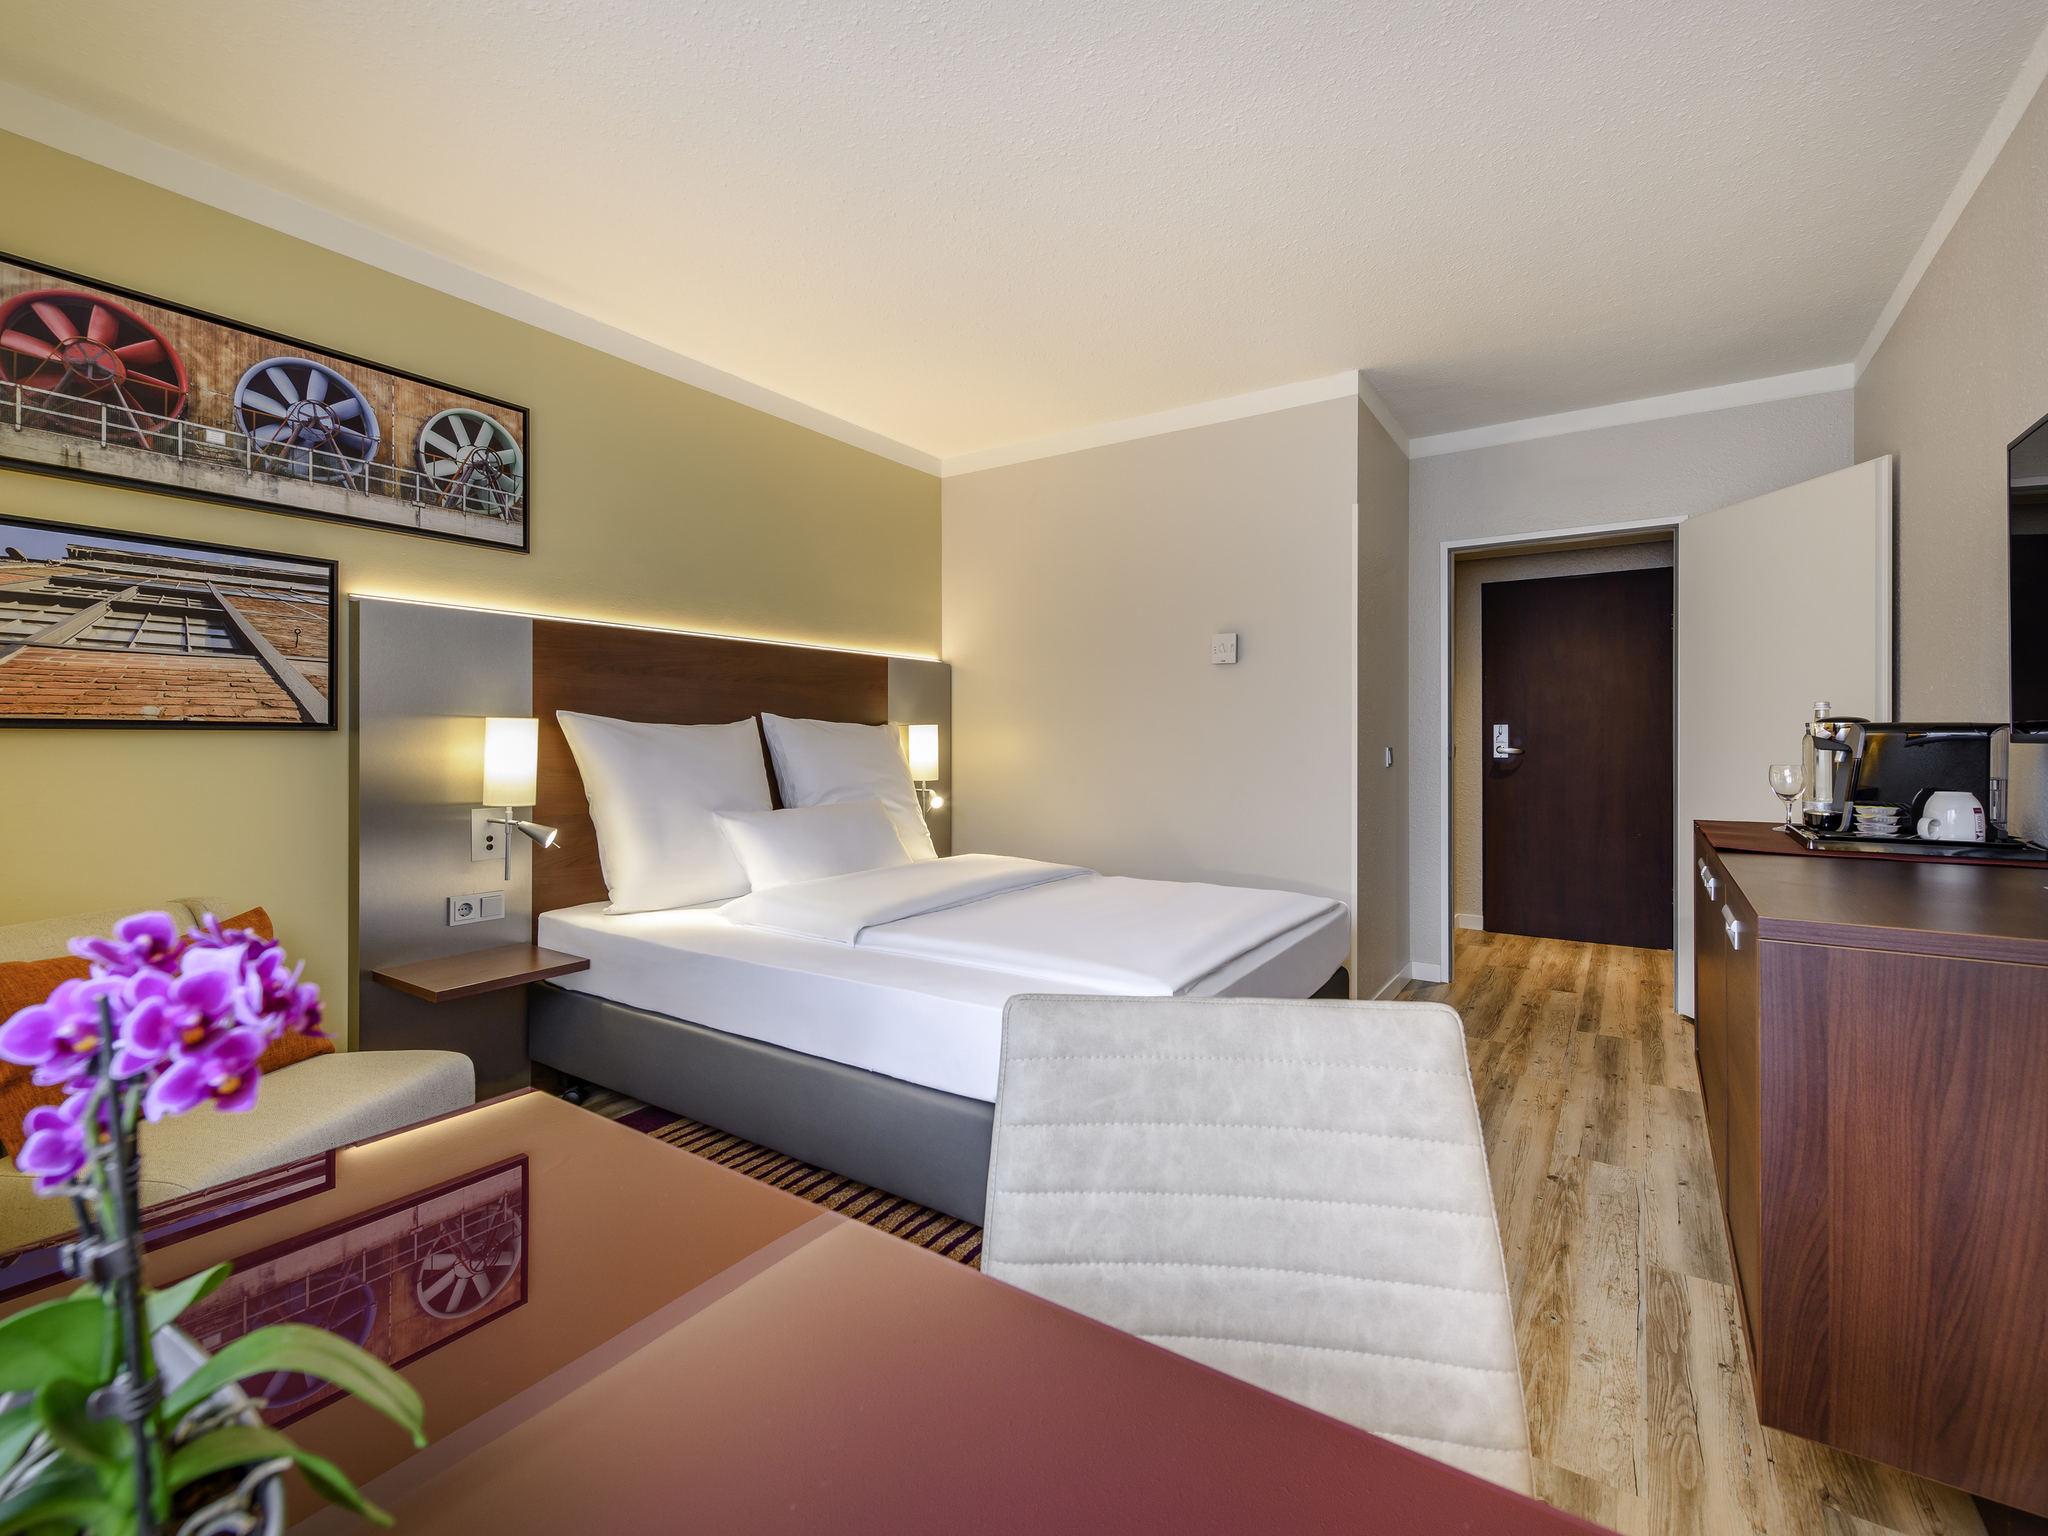 酒店 – 杜伊斯堡城市美居酒店